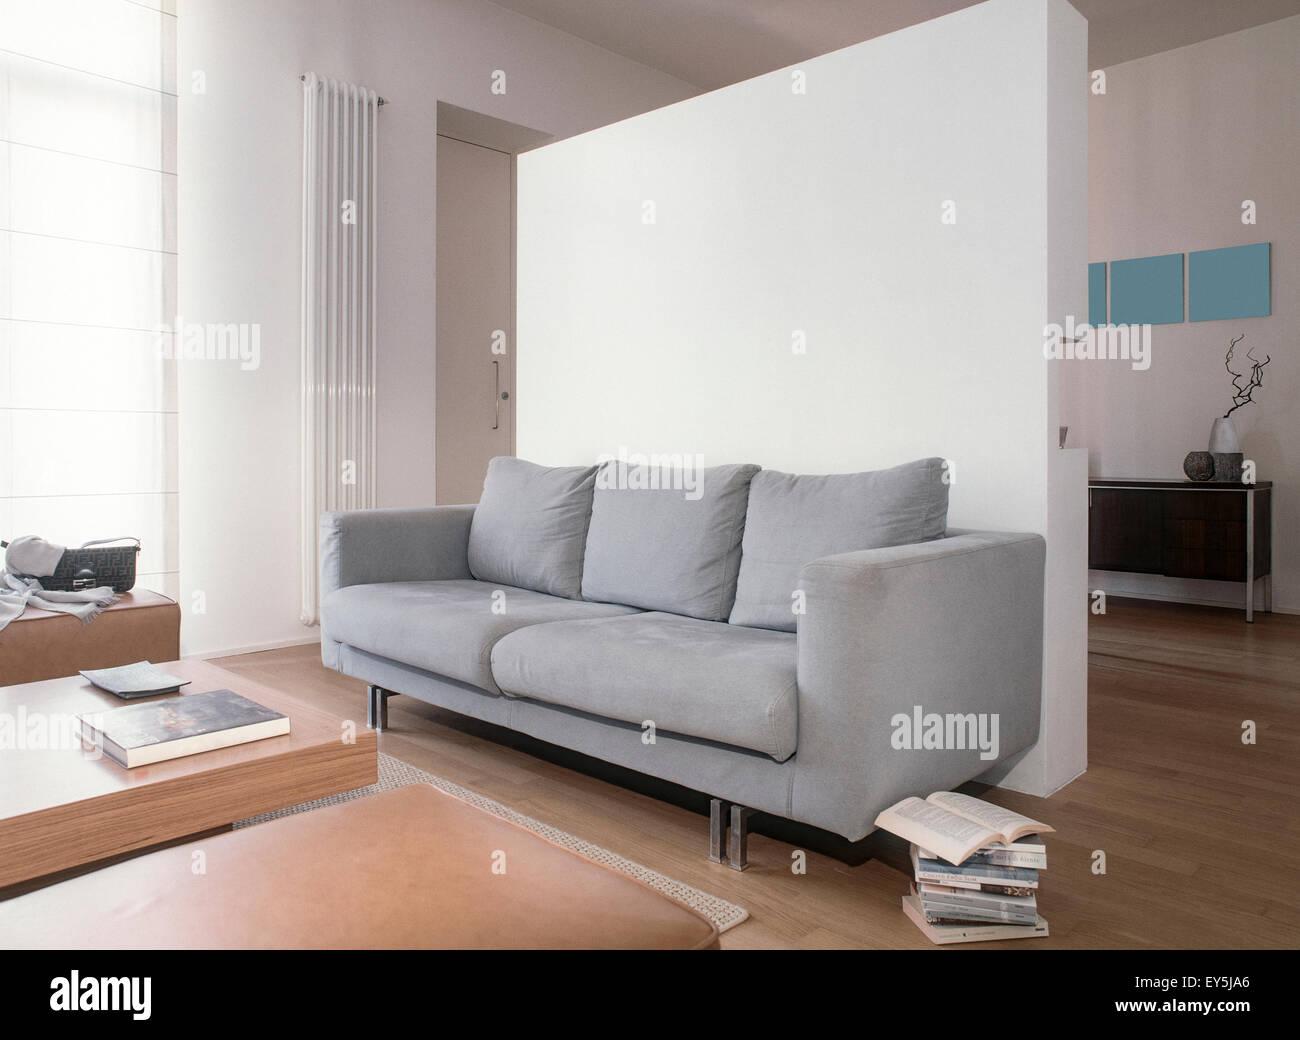 Divano poltrone e sof con il nuovo catalogo poltronesof divani